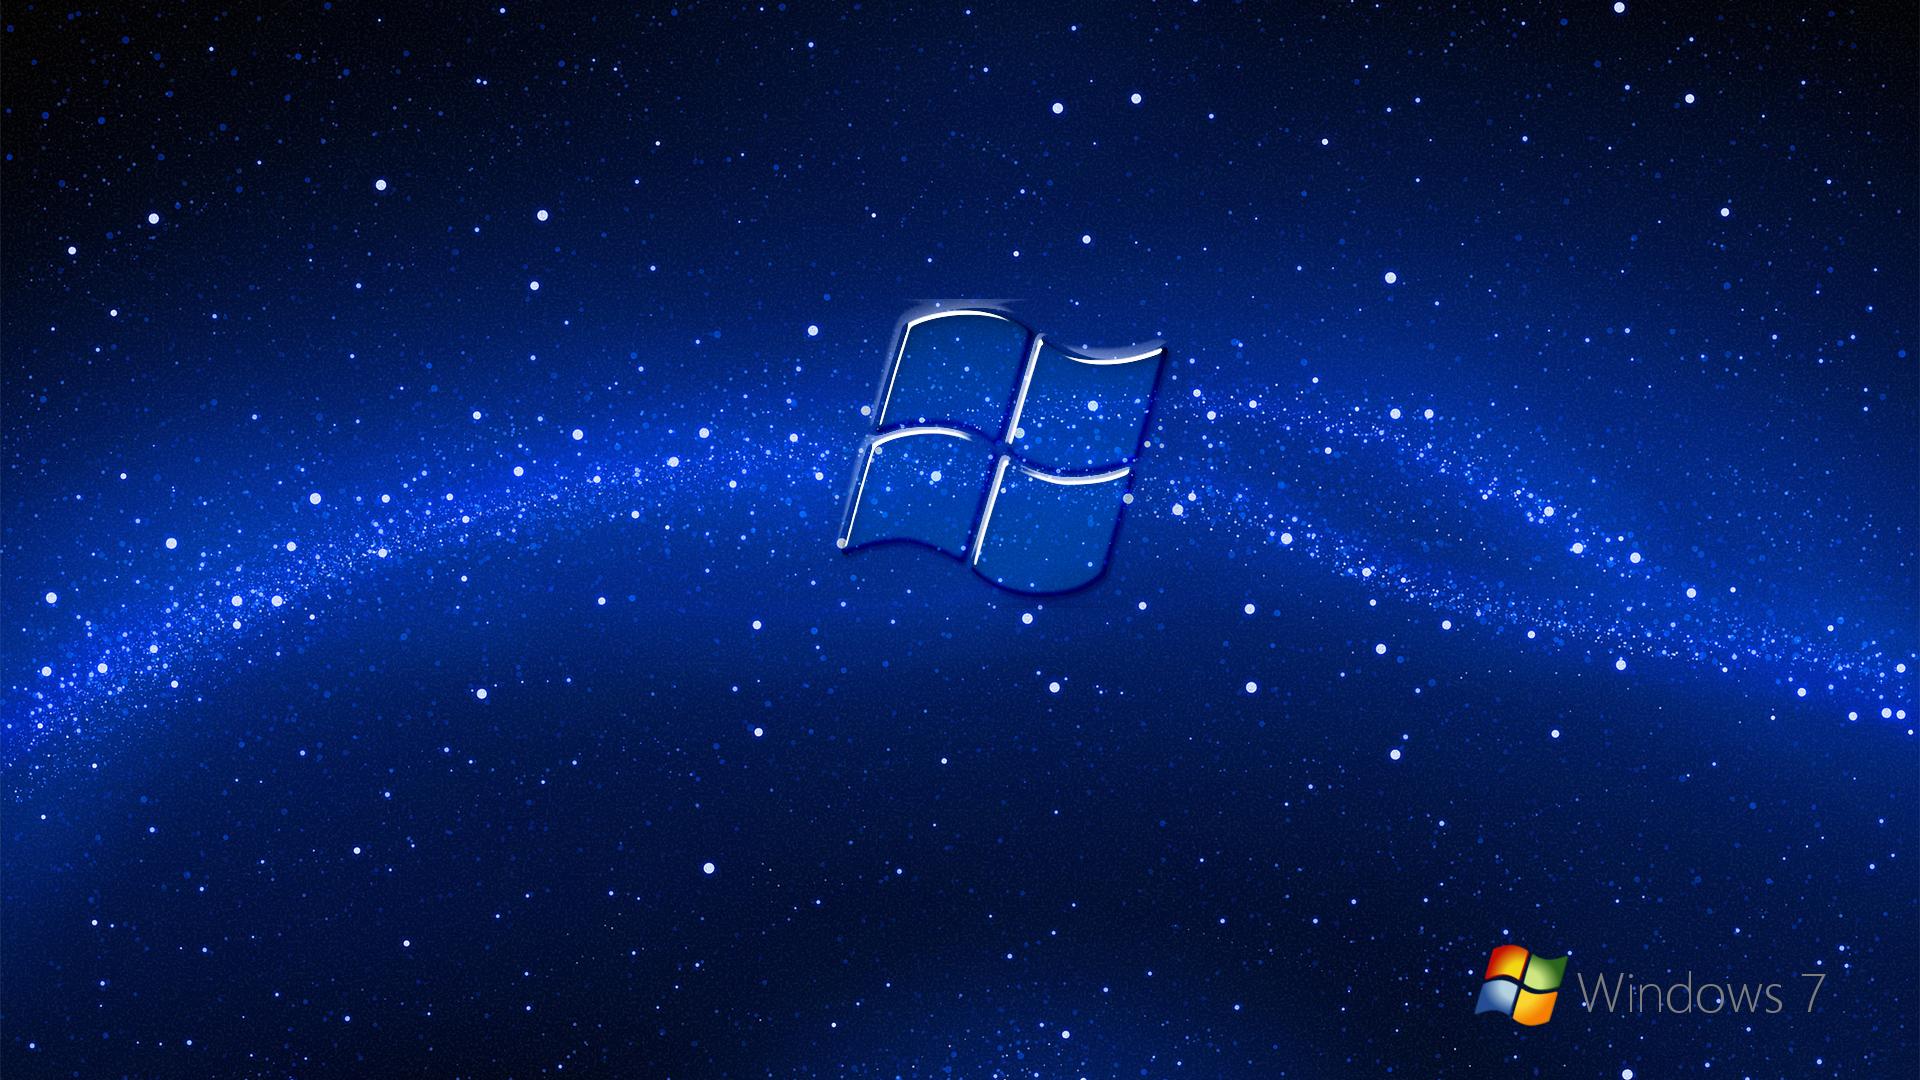 Windows7 Blue Wallpaper By Kubines